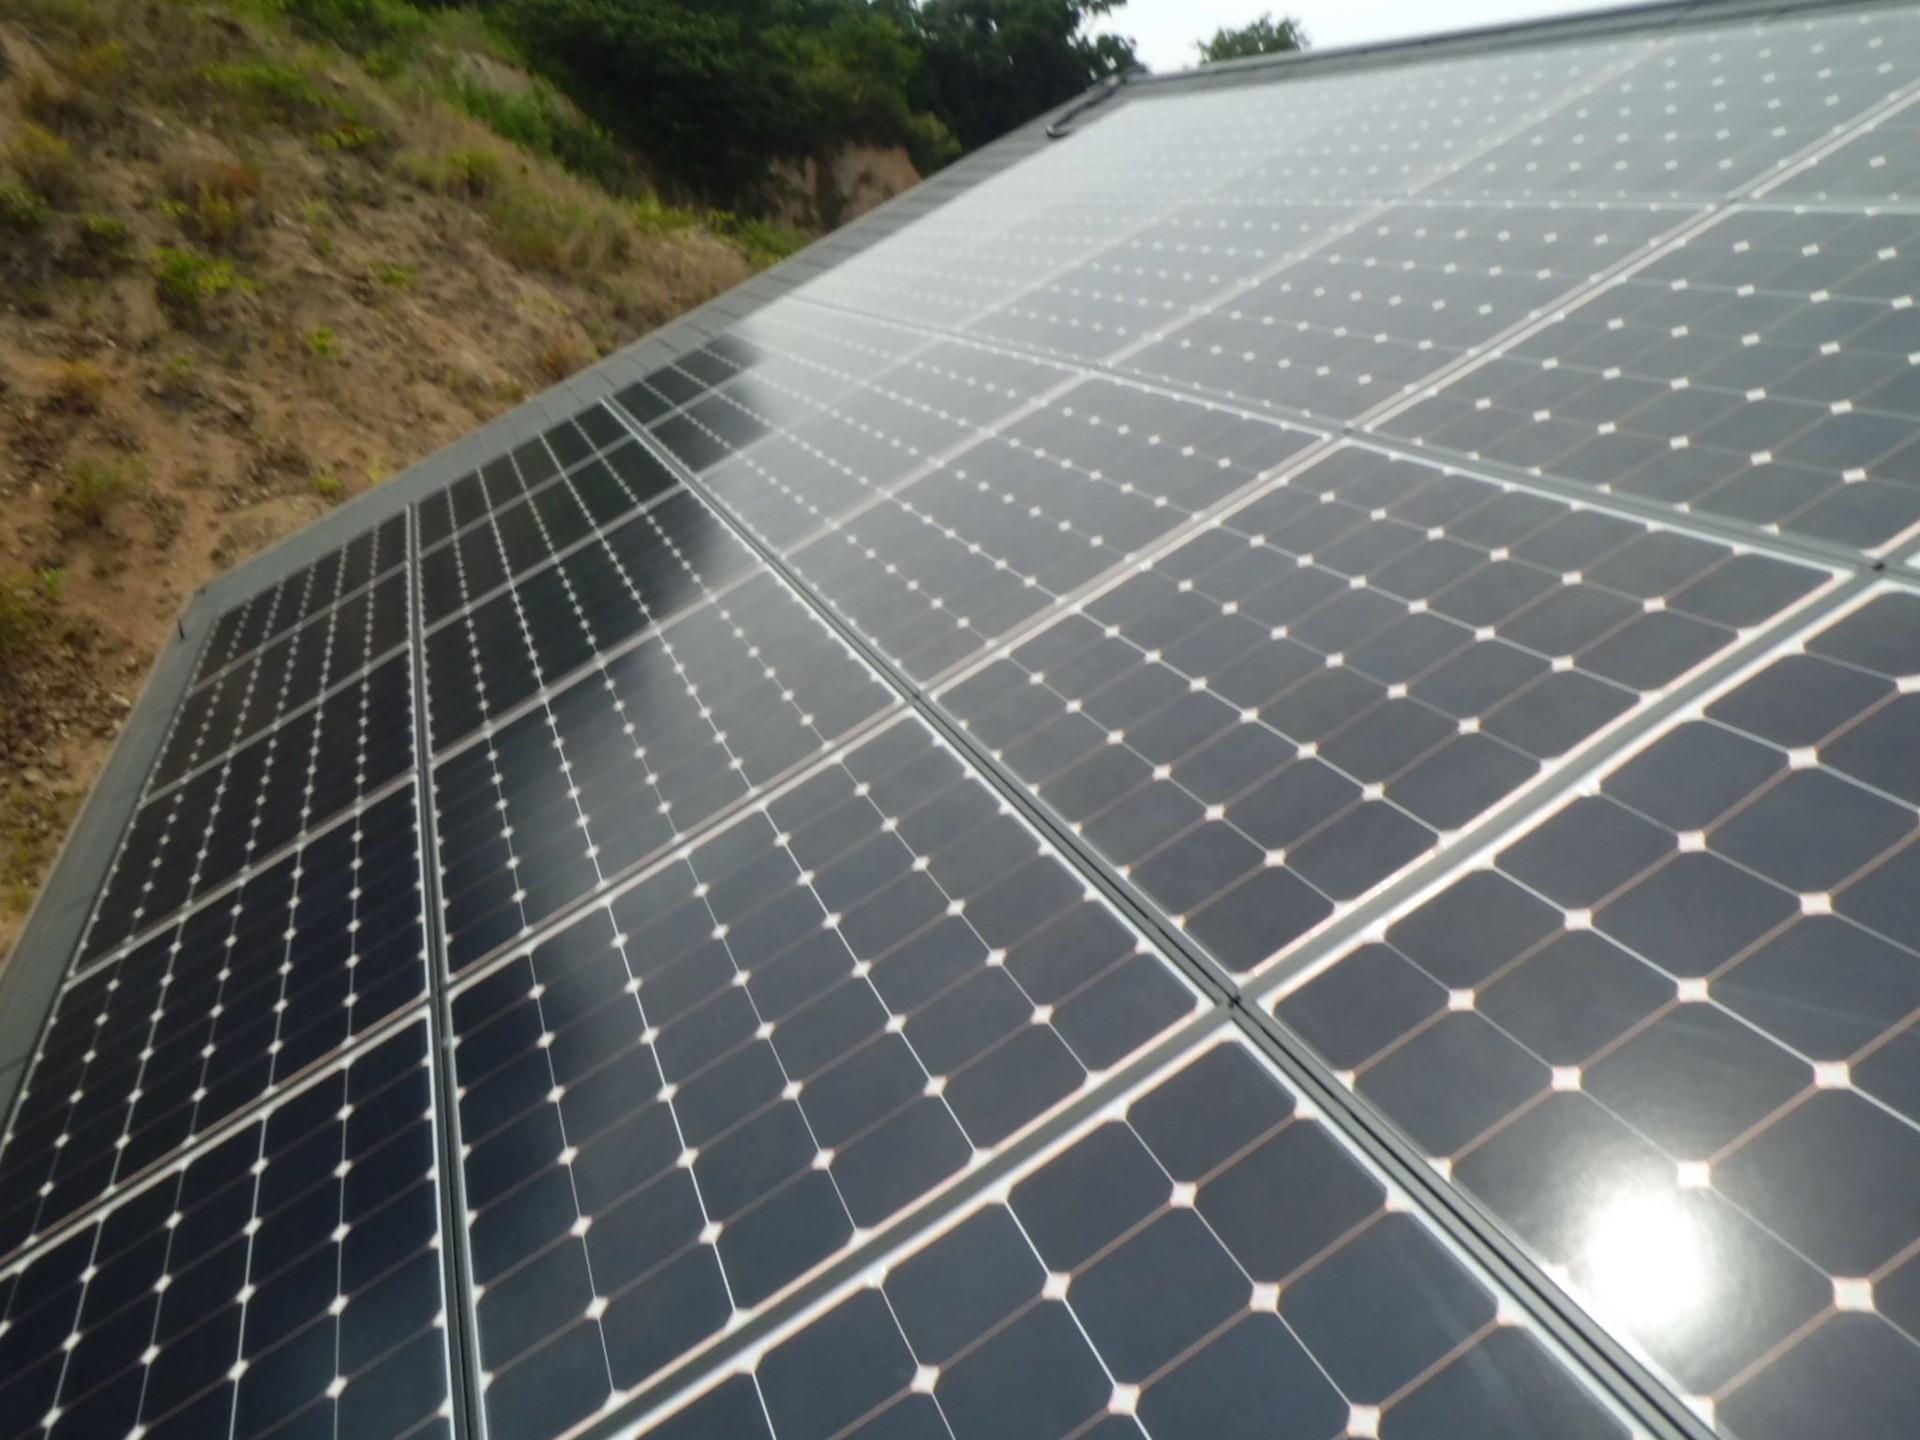 ペロブスカイト太陽電池、変換効率15%突破